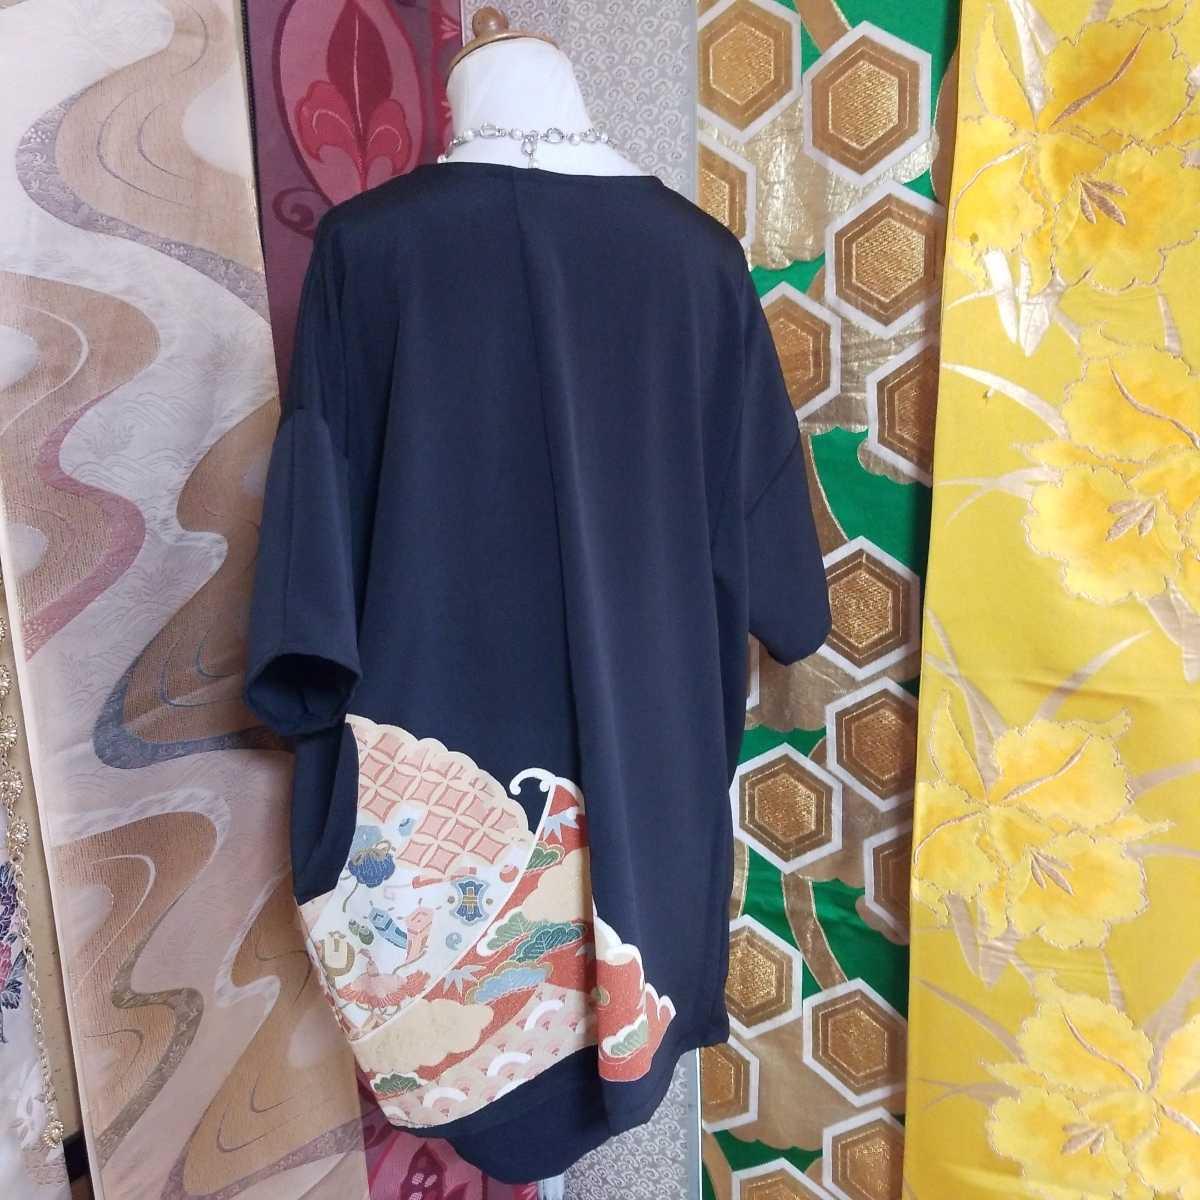 着物リメイク 黒留袖 古典柄チュニックw130ハンドメイド